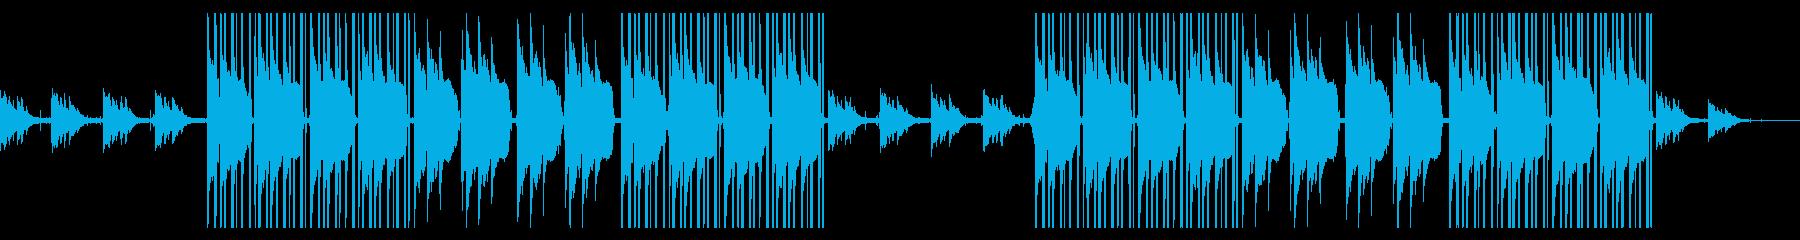 チルアウトなビートとピアノ。の再生済みの波形